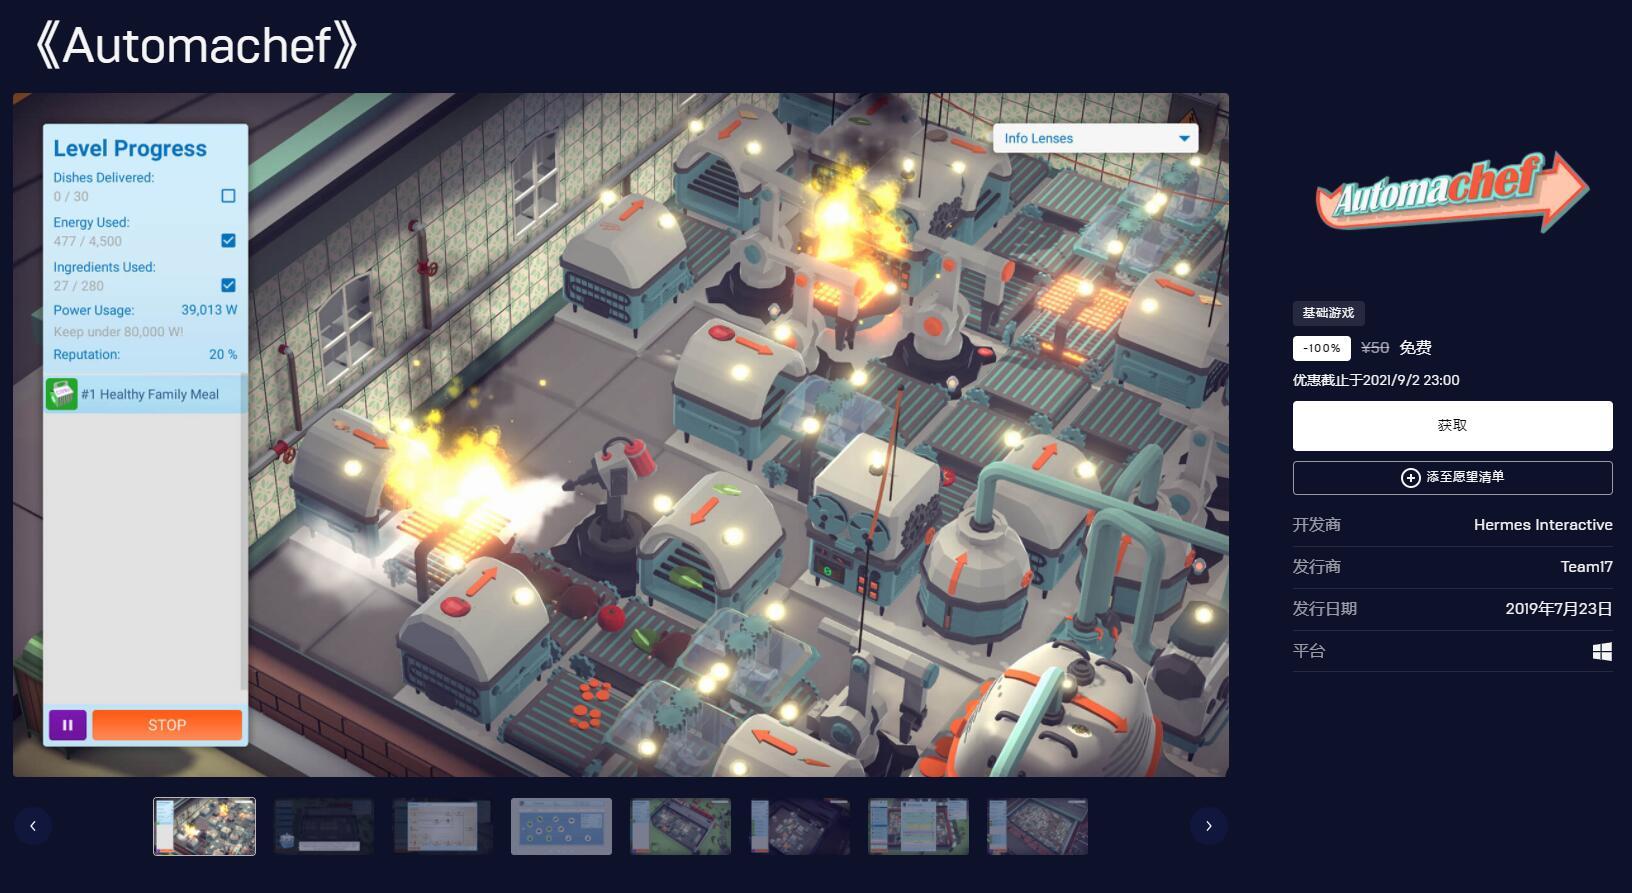 Epic喜+2 《黑道圣徒3:重制版》《Automachef》-QQ前线乐园